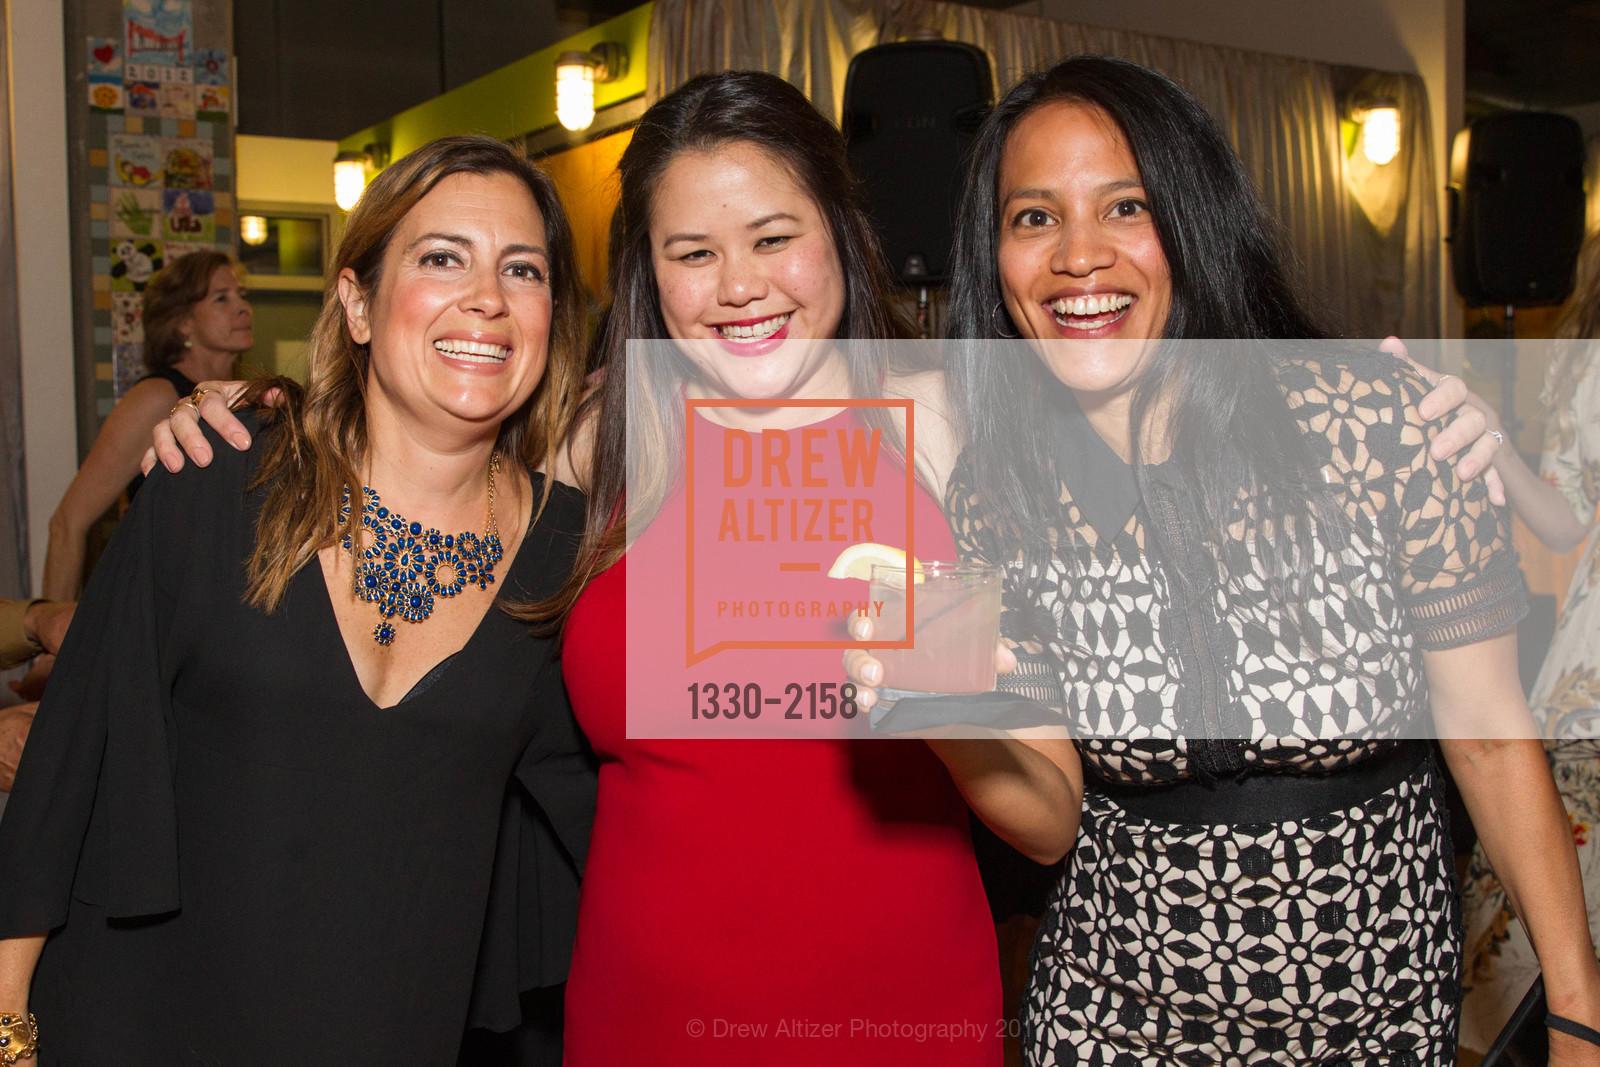 Kristin McGuire, Kathy Tran, Sarah Sotto, Photo #1330-2158